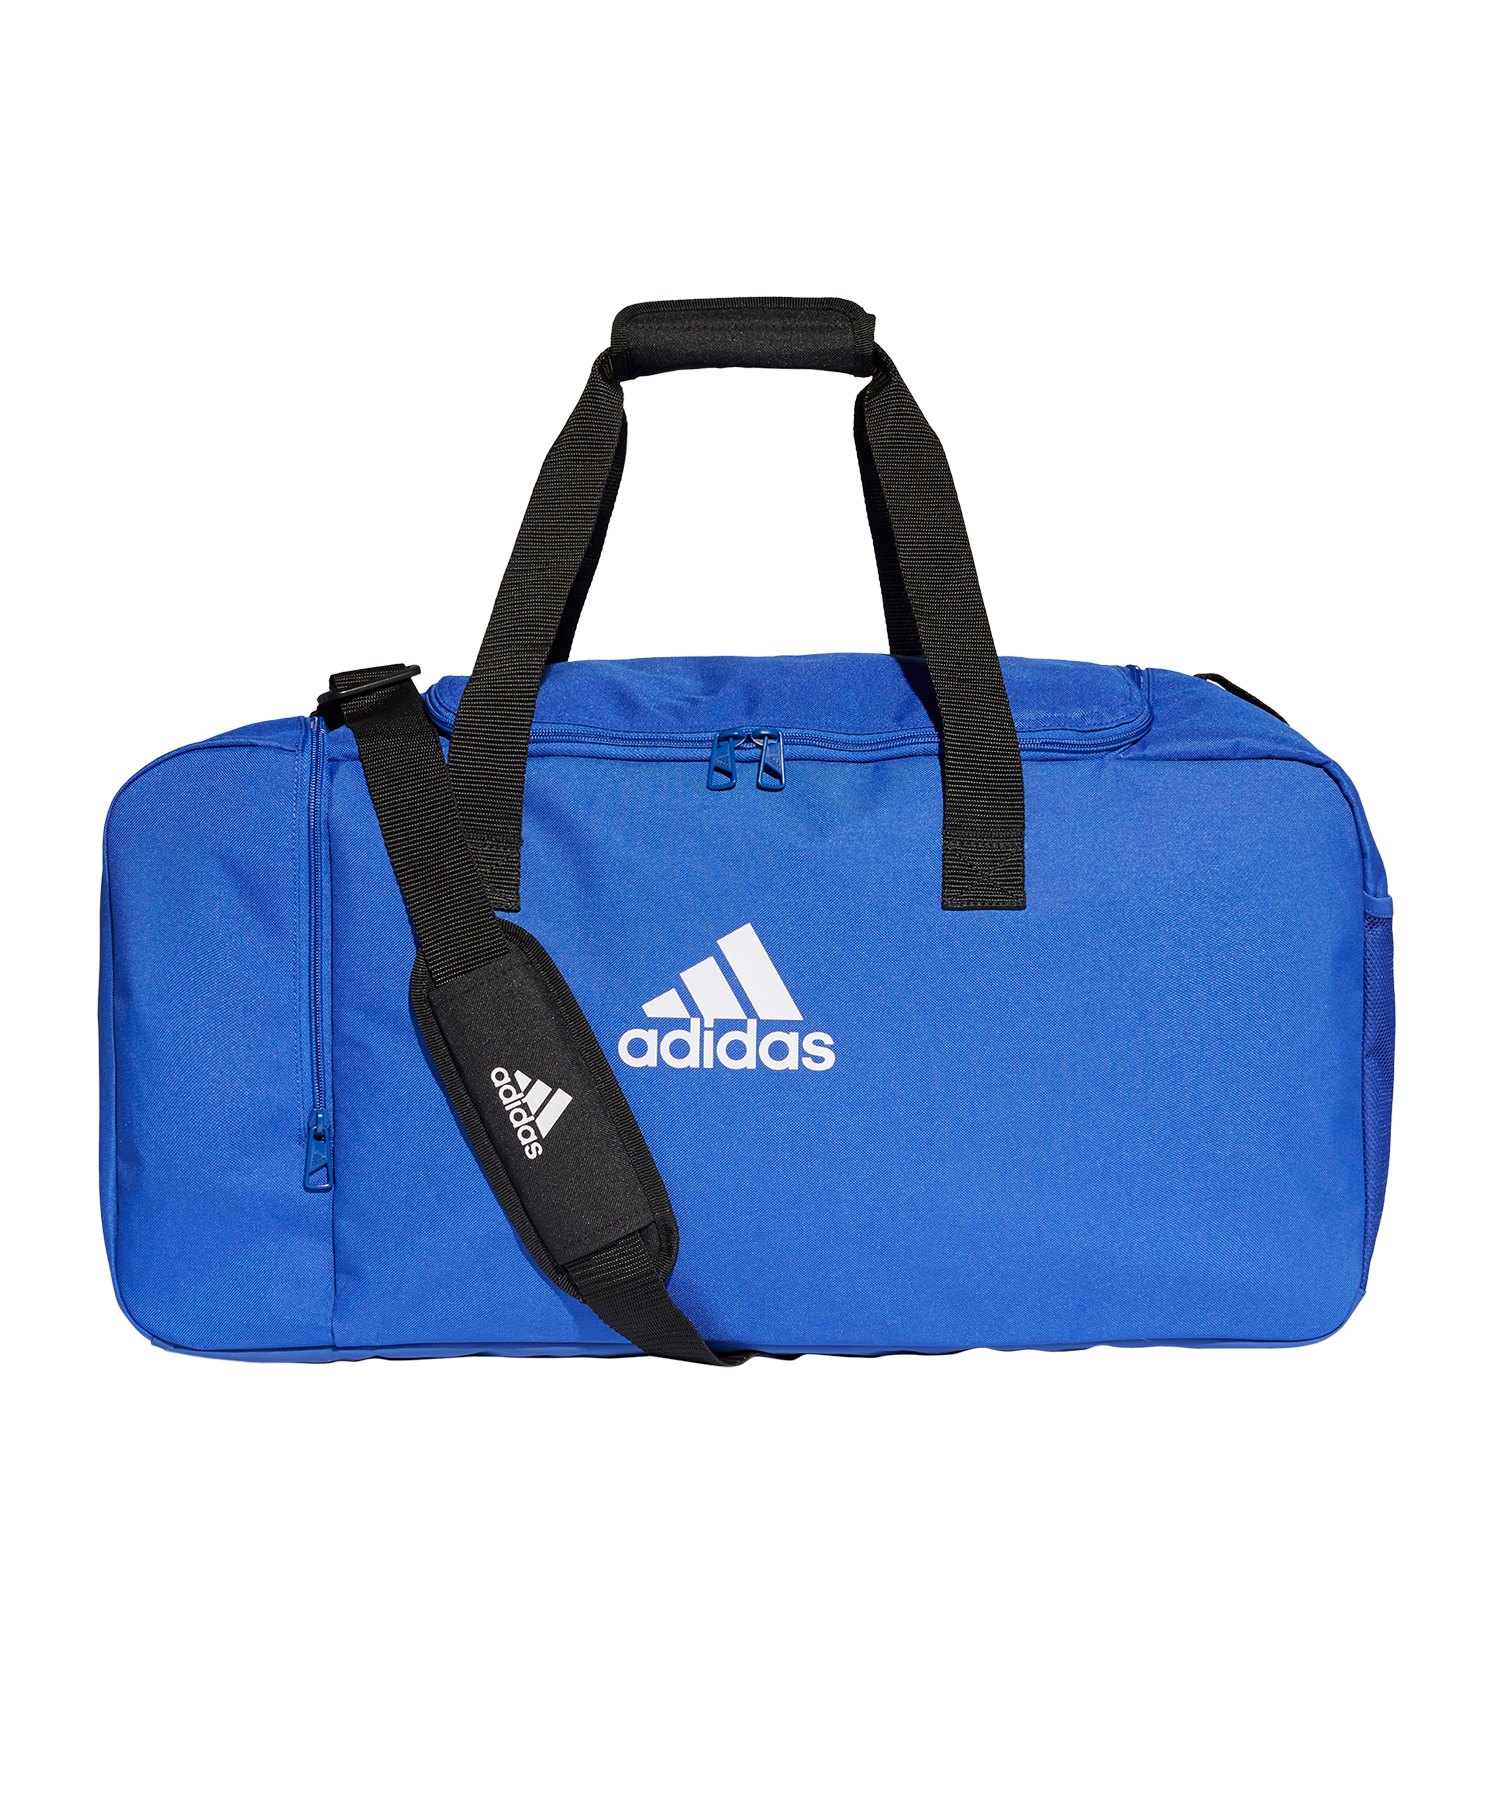 adidas Tiro Duffel Bag Gr. M Blau Weiss - blau